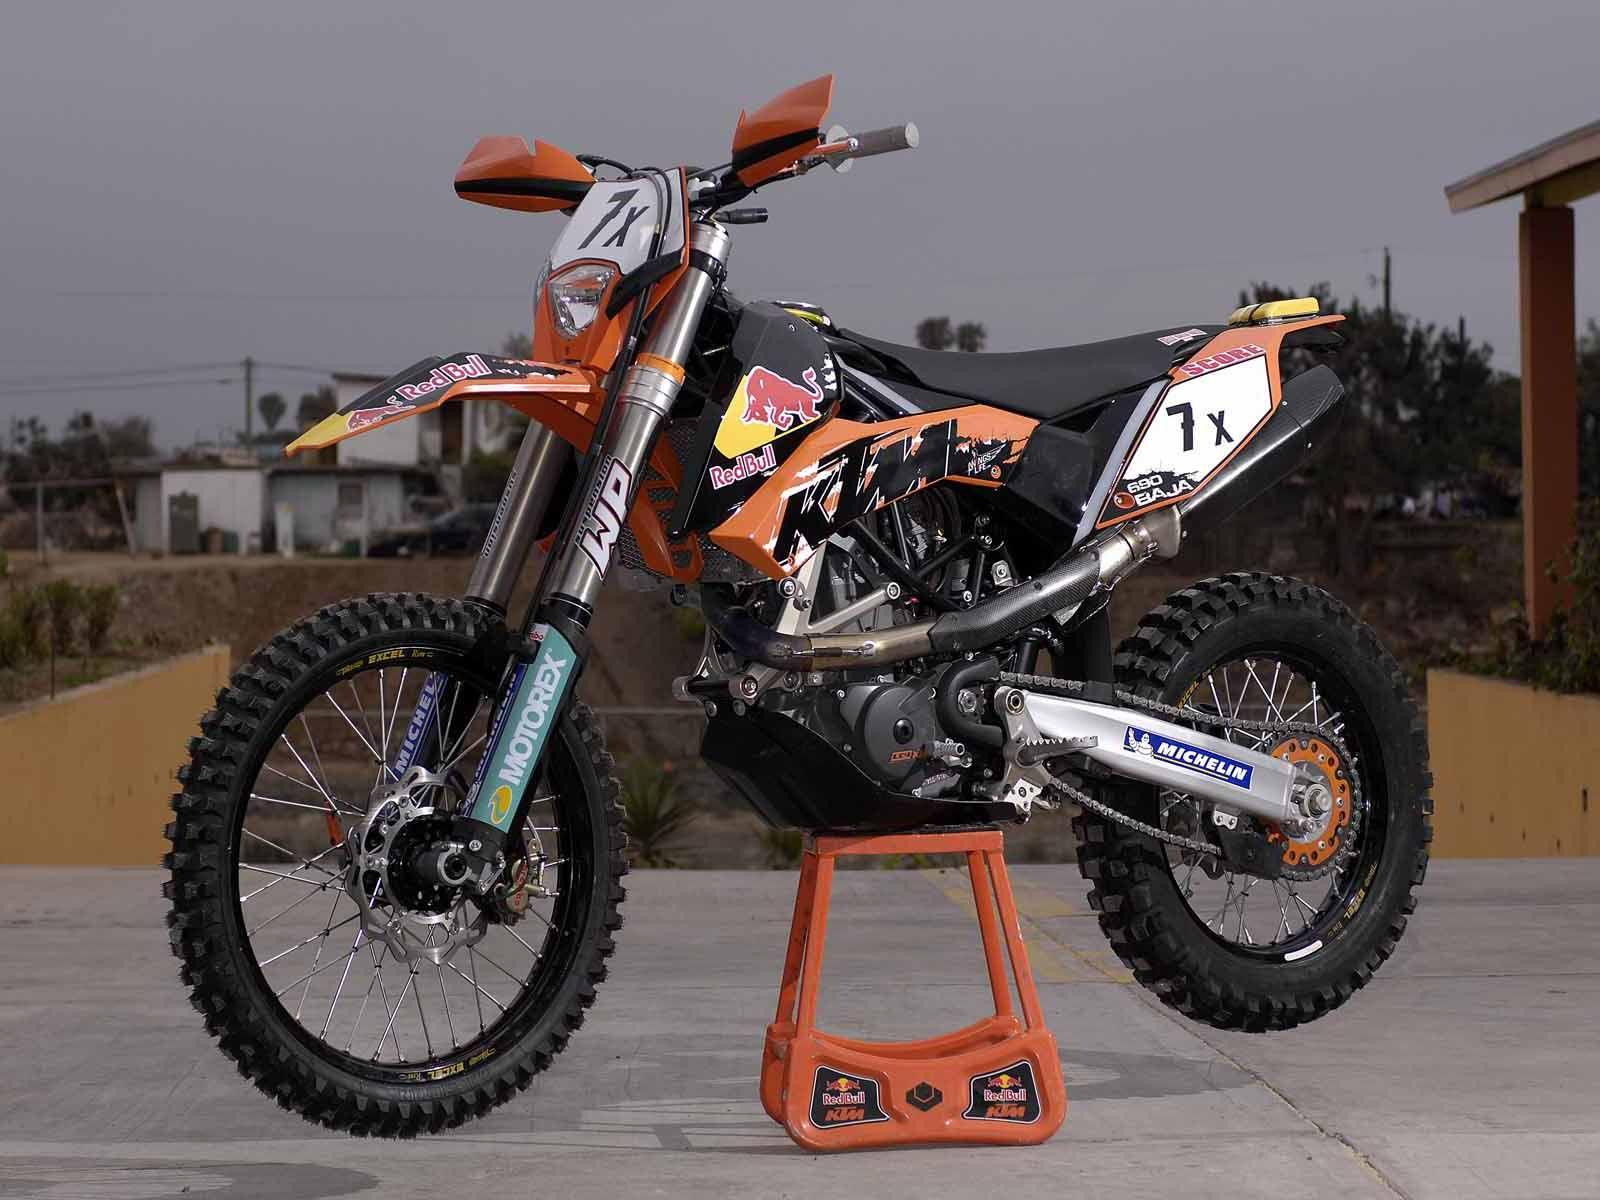 ac1dd94b0ad TRICK! KTM 690 Enduro. Anyone know what exhaust and heatshield that ...